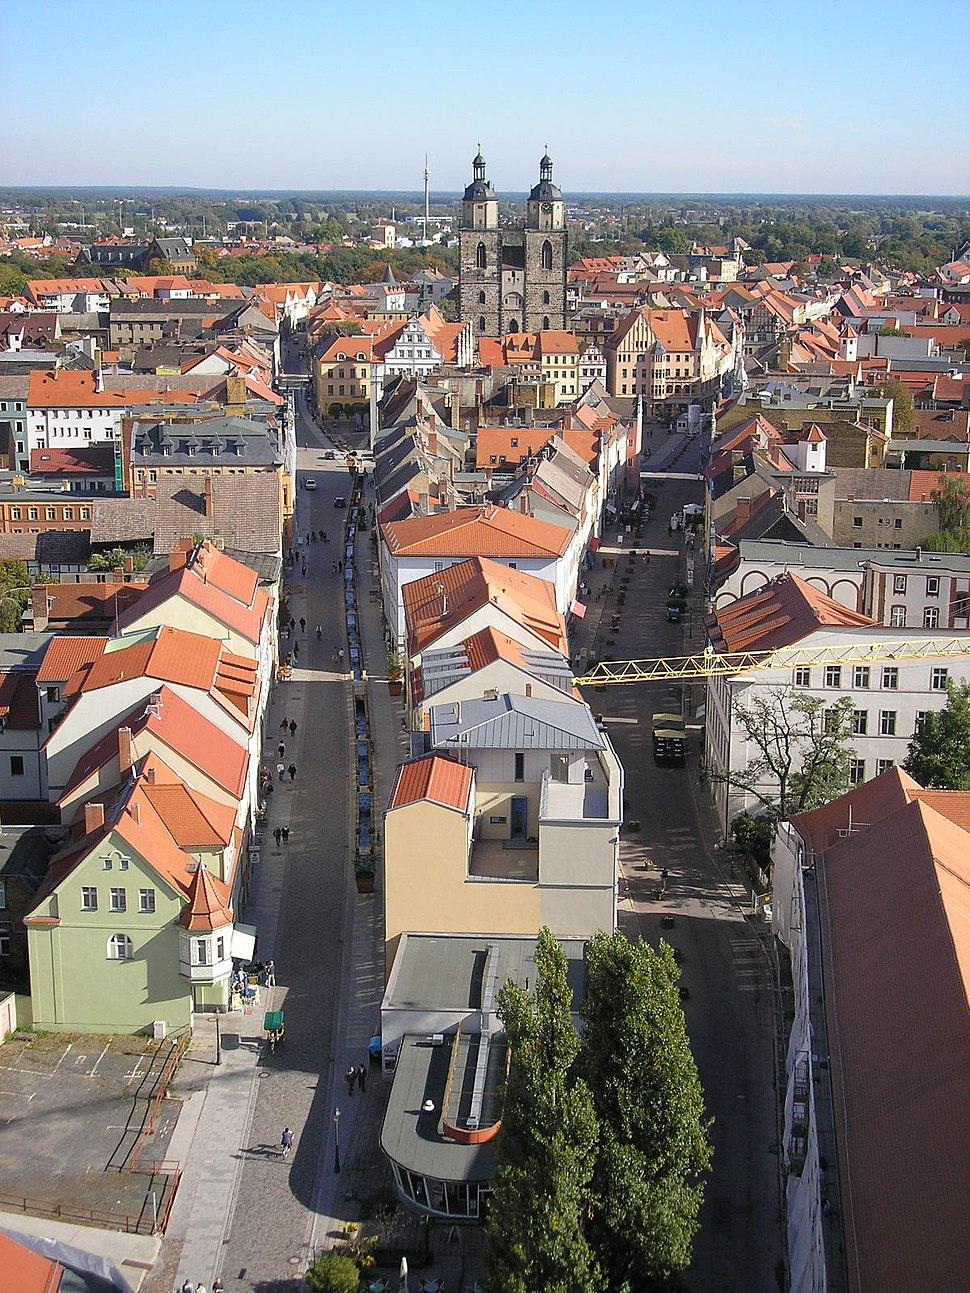 Altstadt Wittenberg